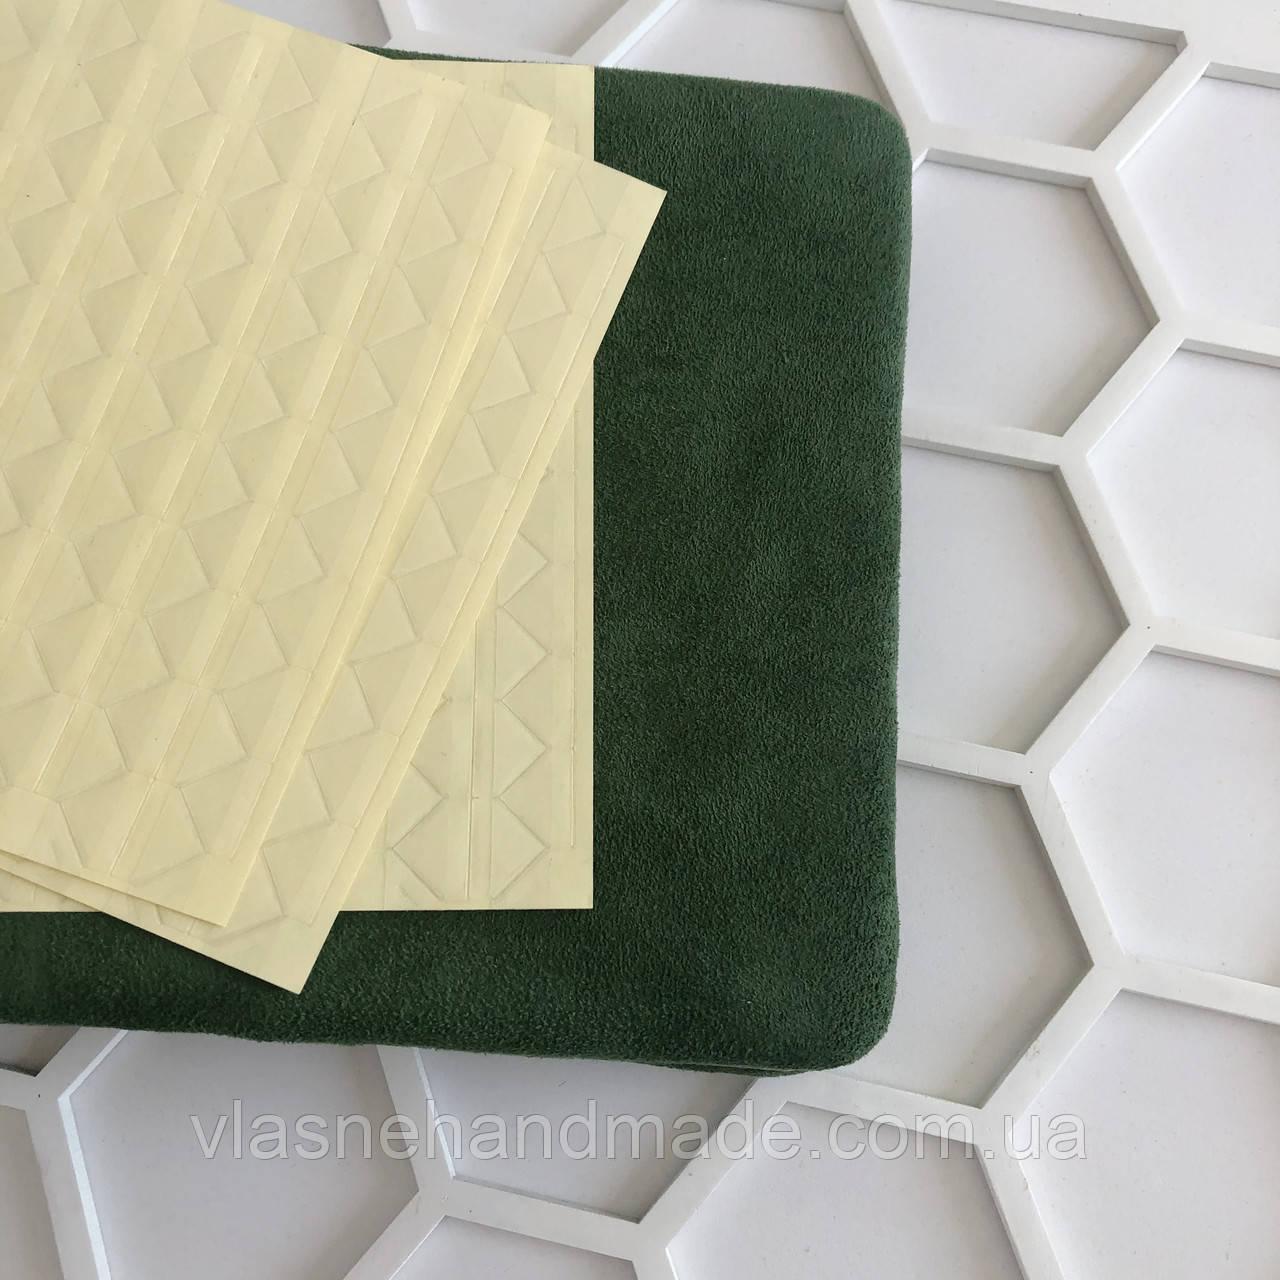 Кутики для фото силіконові - прозорі на бежевій основі - 102 шт.